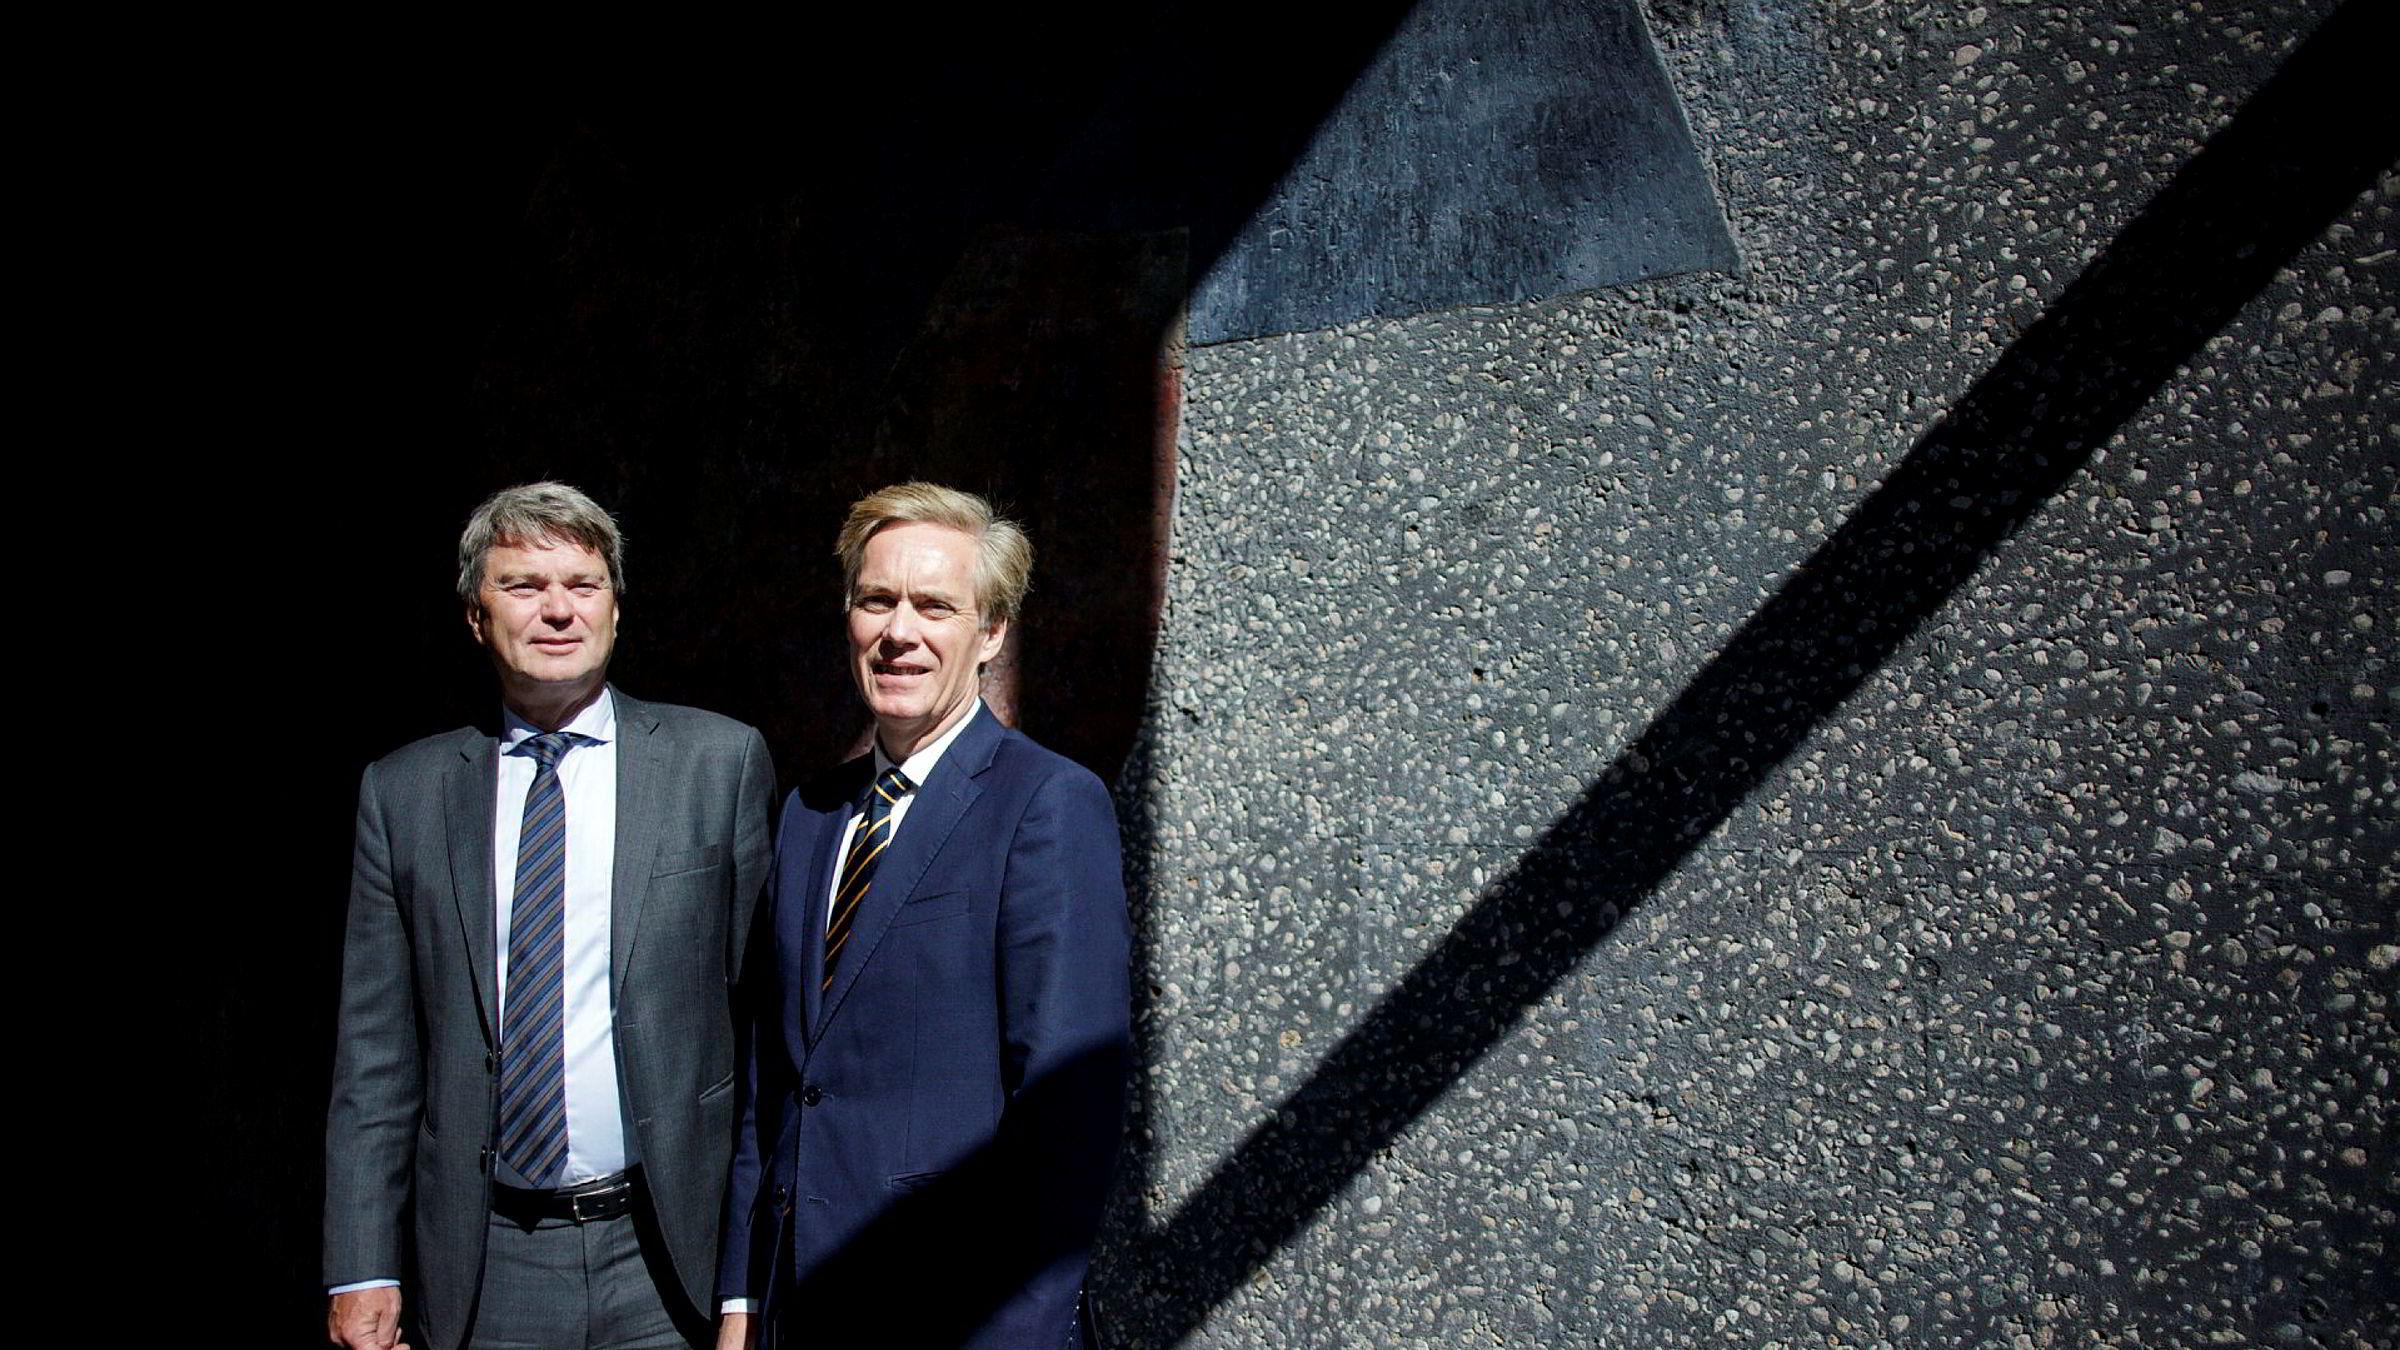 Advokat Sven Iver Steen (til venstre) i Arntzen de Besche og administrerende direktør Bjørn Østbø i Silver Forsikring har fått fire bud på Silvers portefølje.